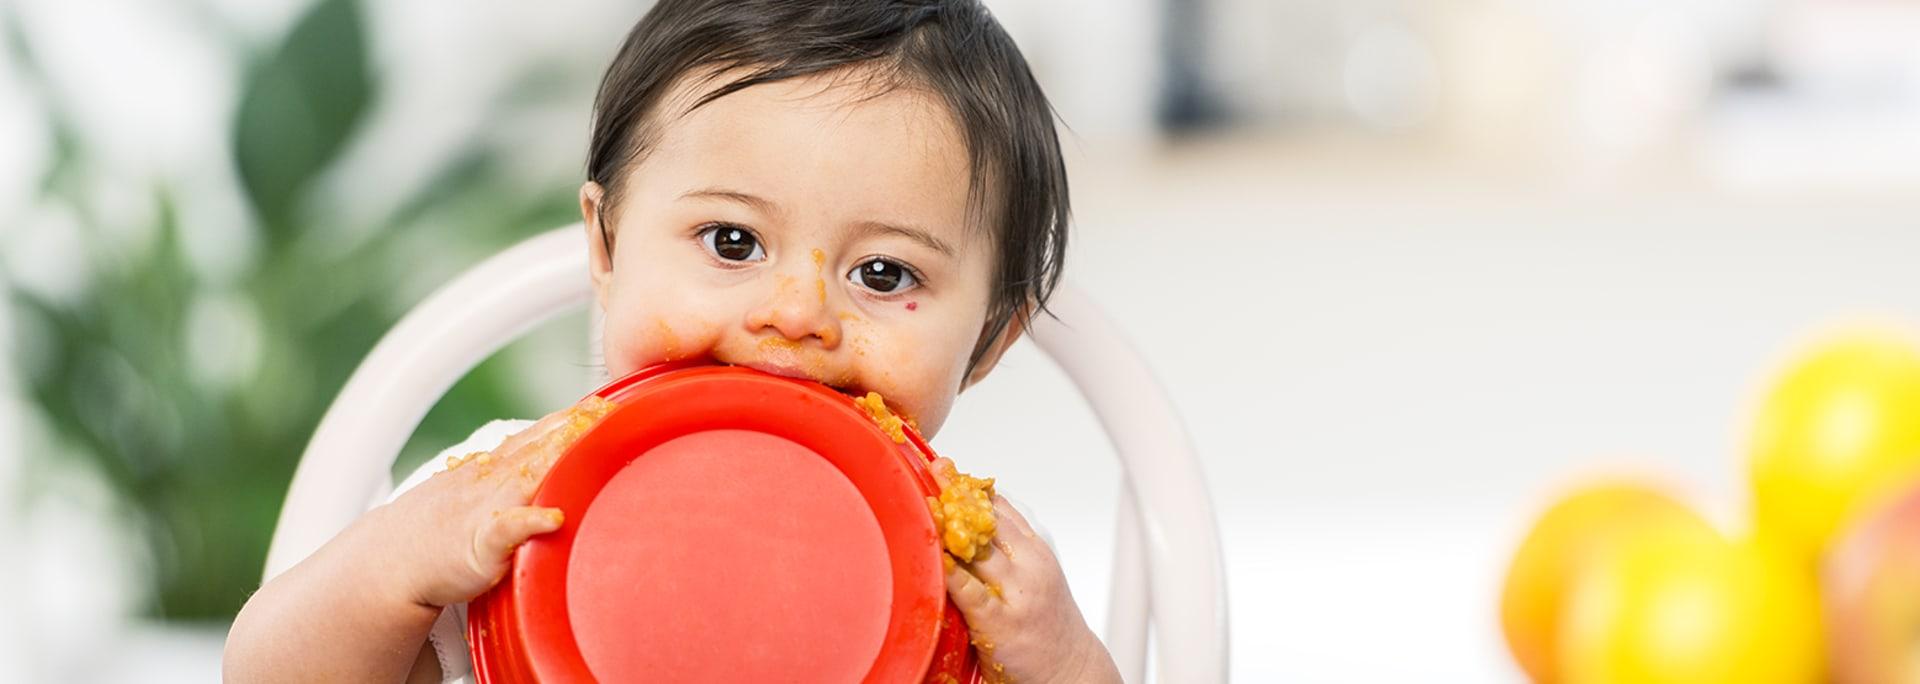 Låt ditt barn prova att äta själv